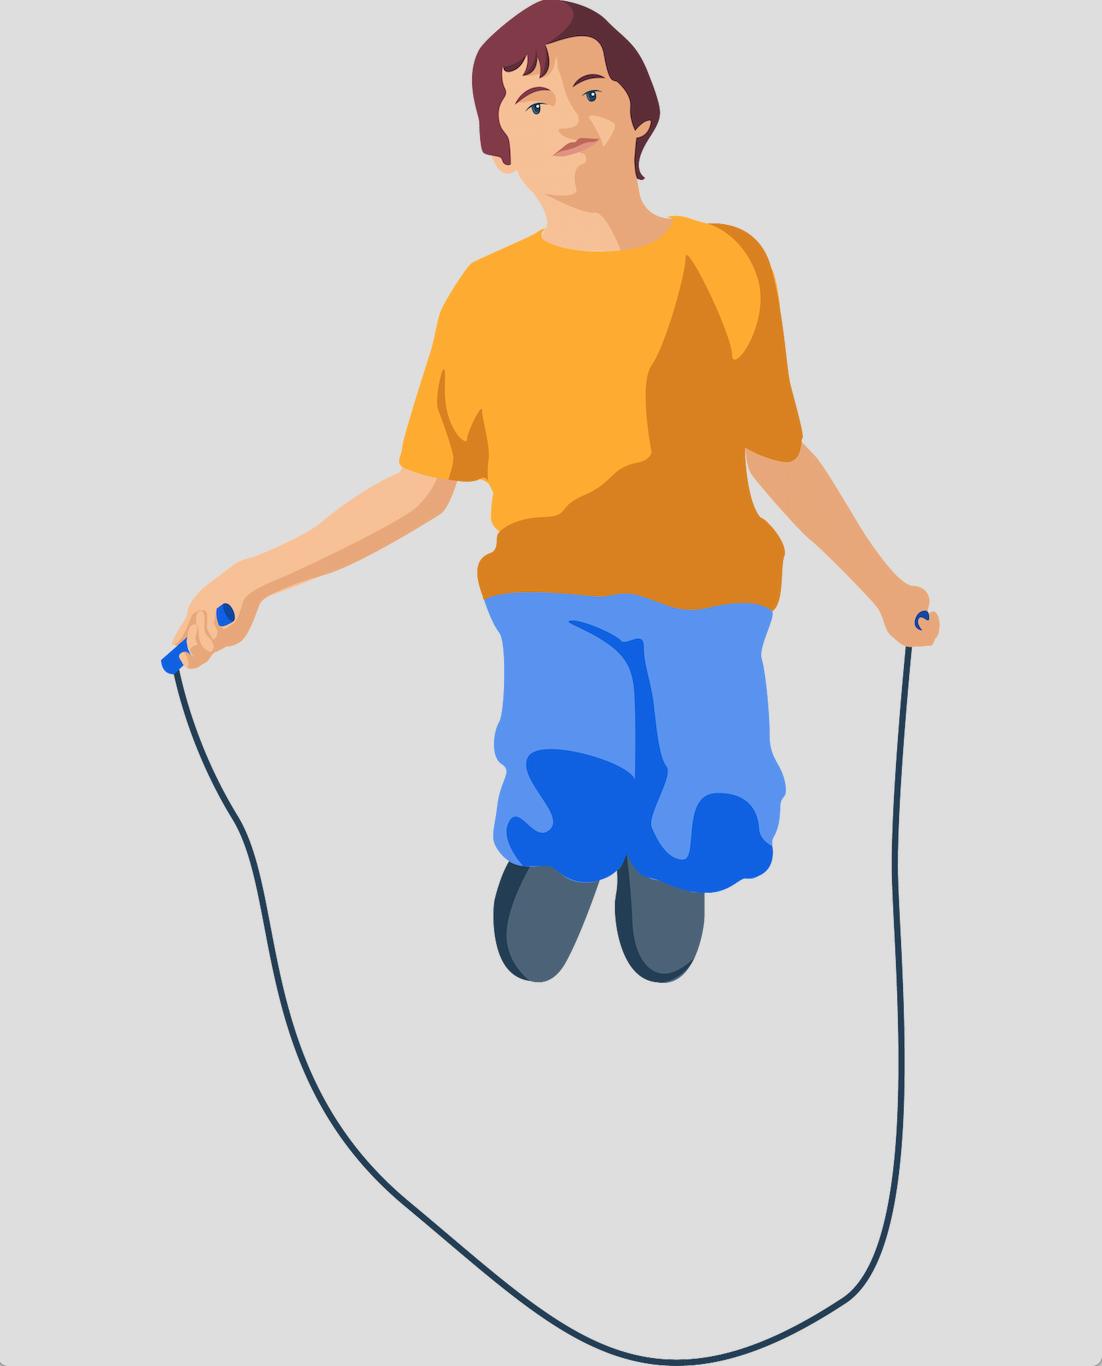 Garçon - Corde à sauter - Sport - Activité physique - Endurance - SchoolMouv - Sciences - CE2